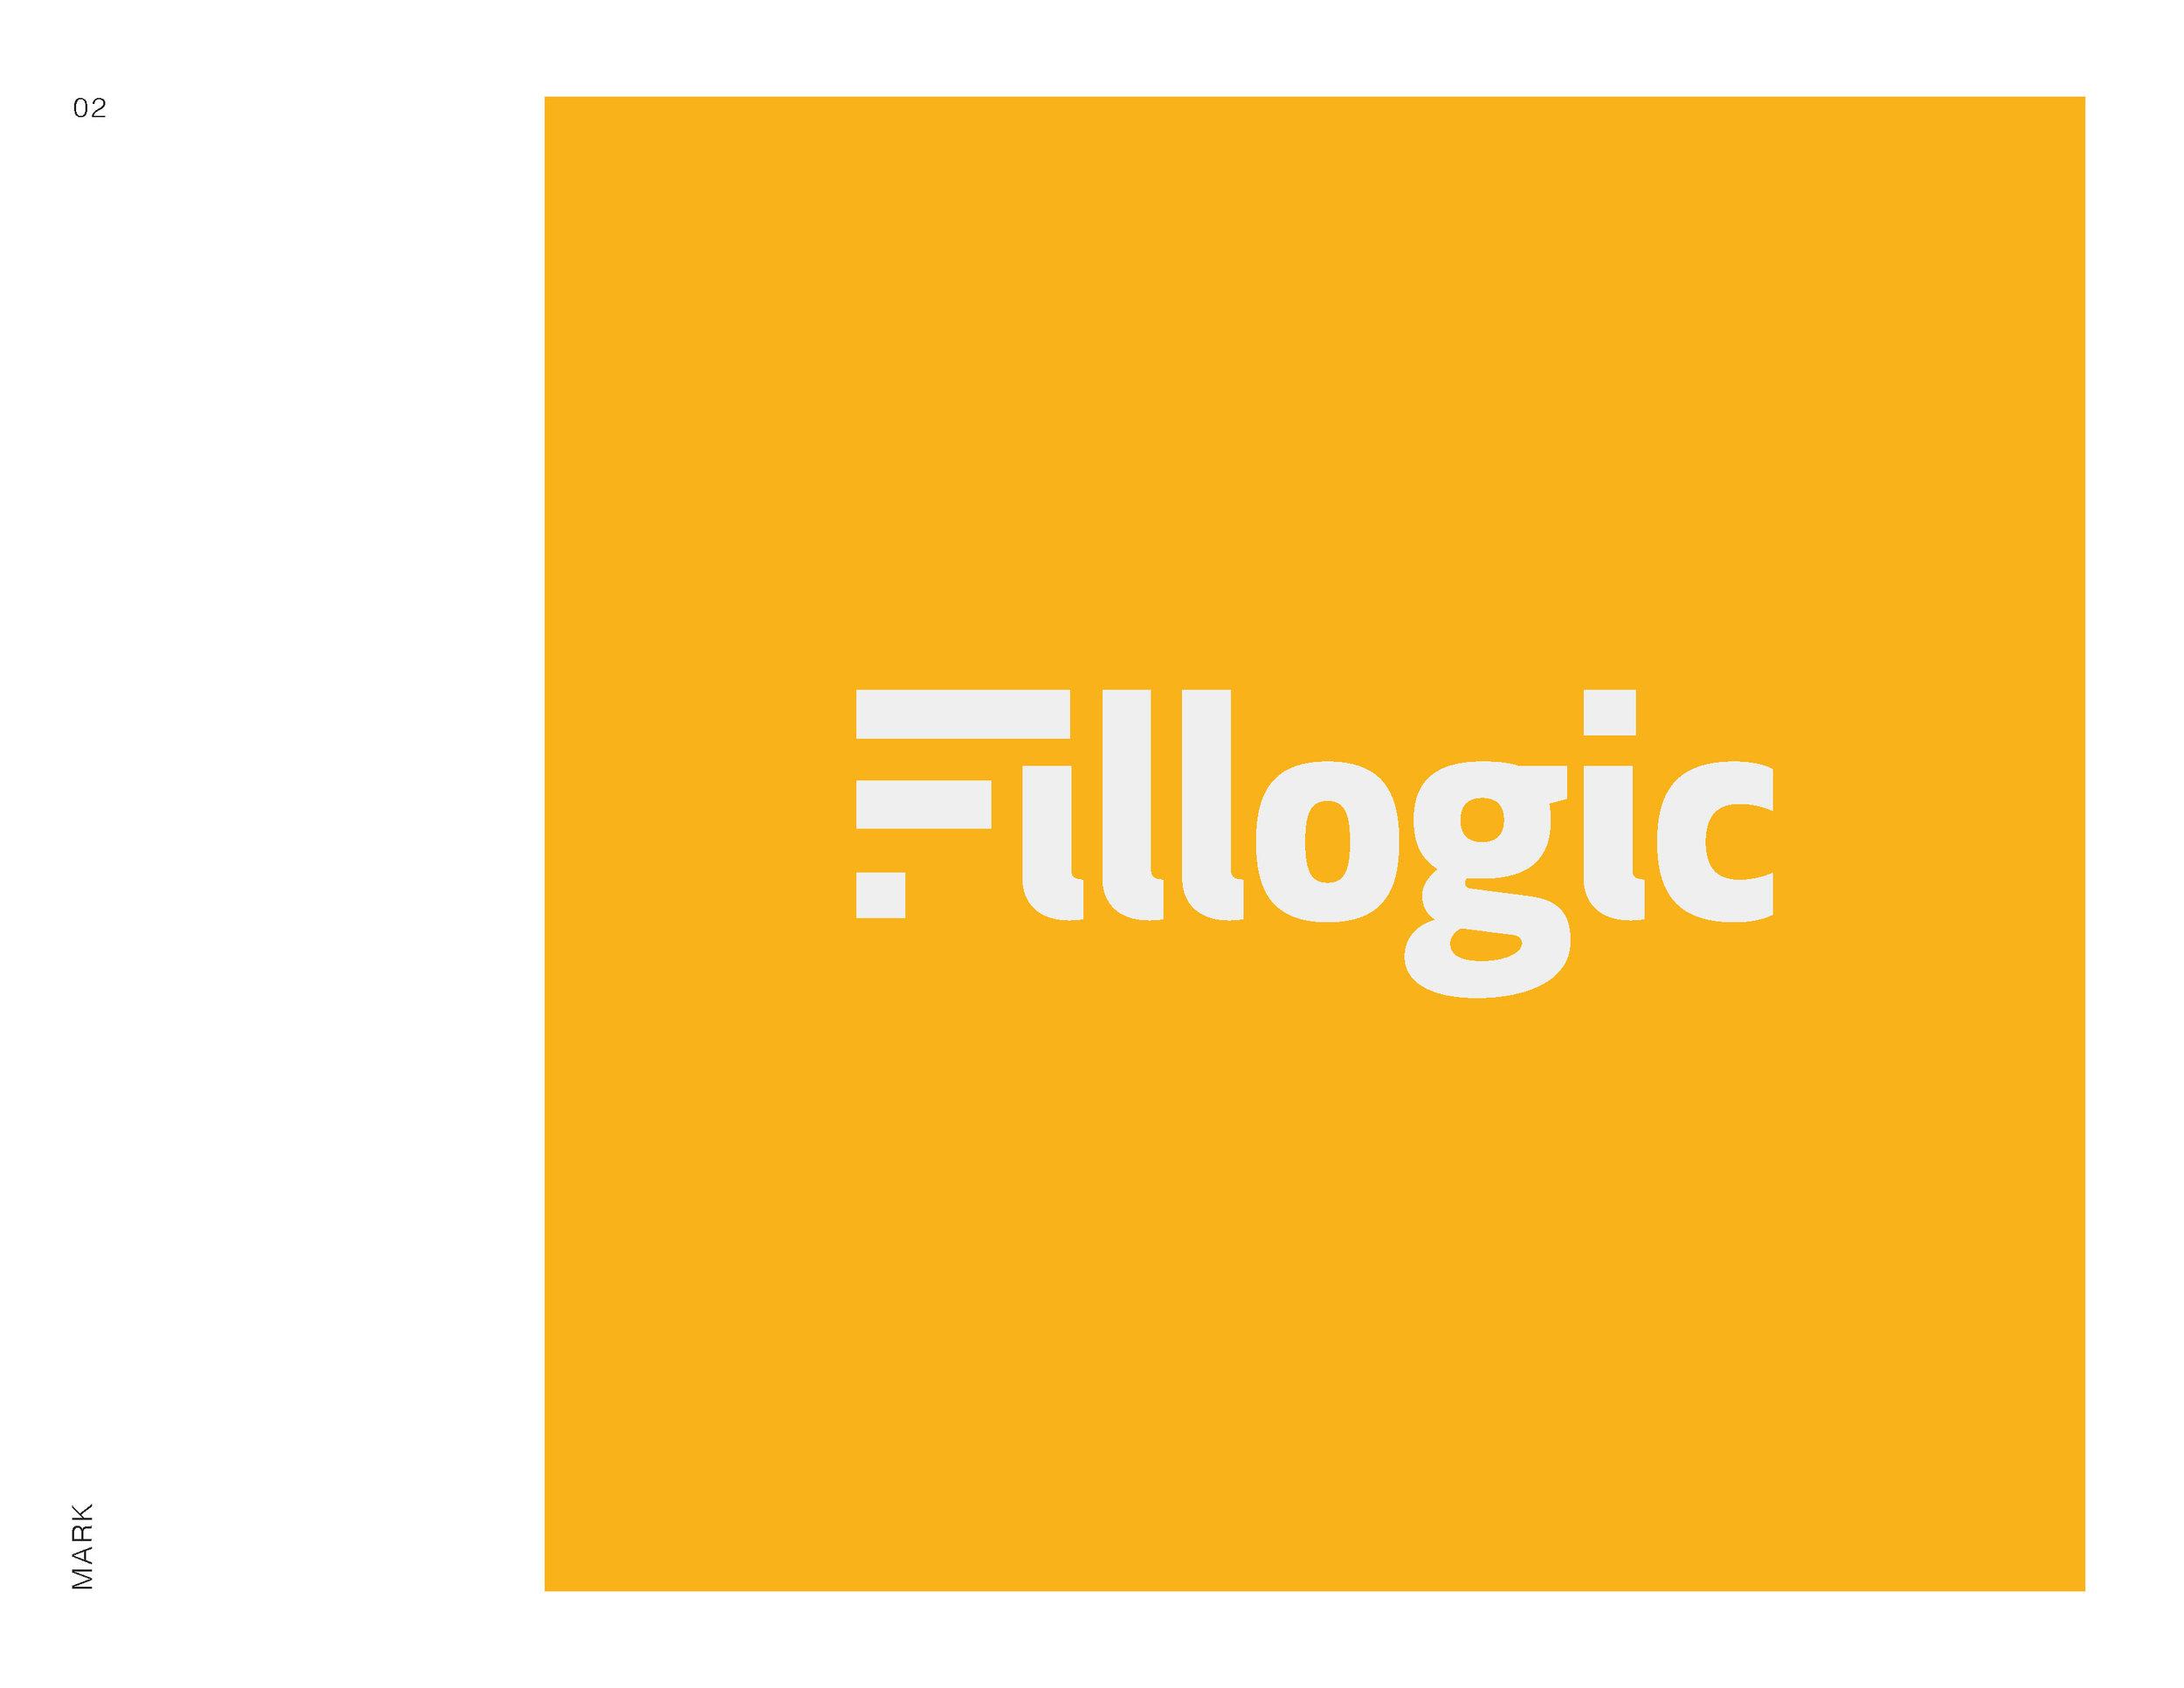 Fillogic Master Brand_Page_02.jpg